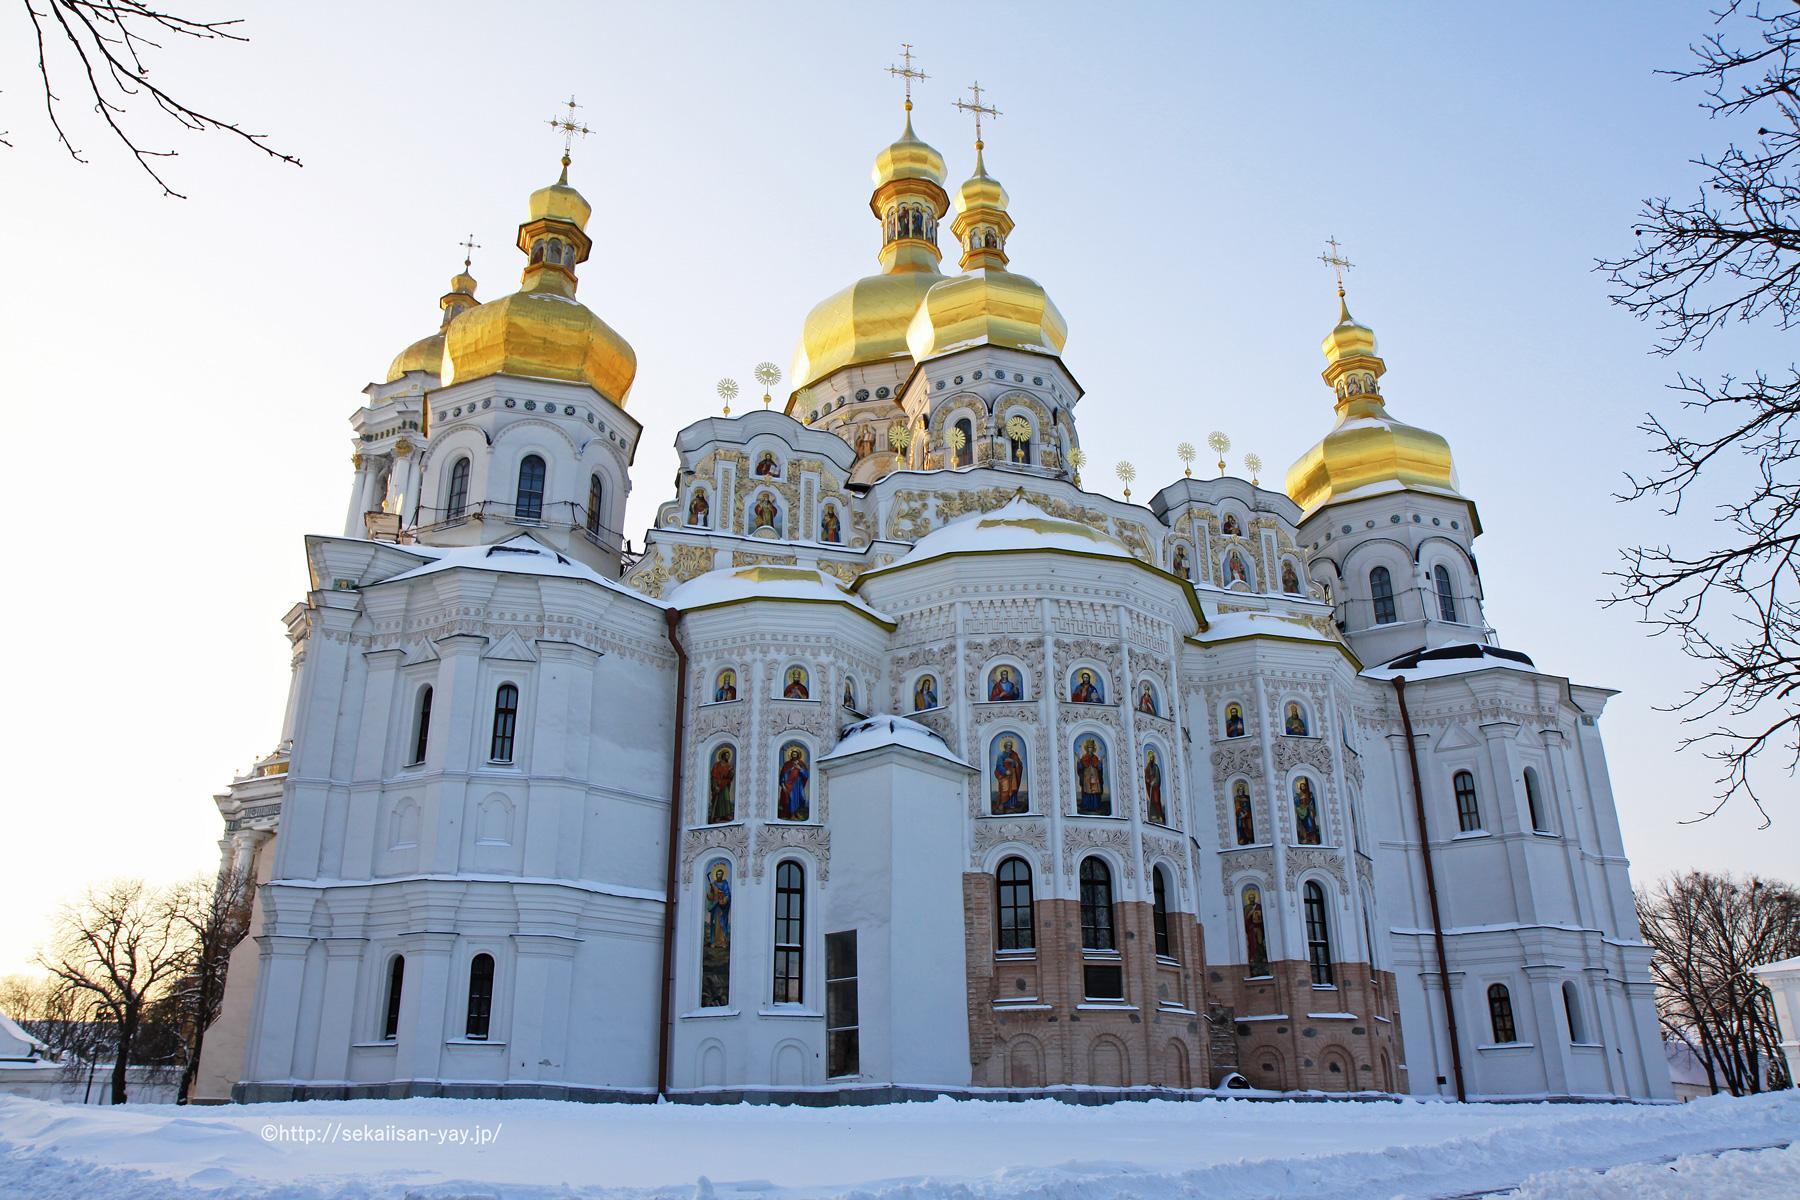 世界遺産フォトギャラリー更新(ヨーロッパ(NIS諸国)-要はウクライナ- の世界遺産ダイジェスト写真)